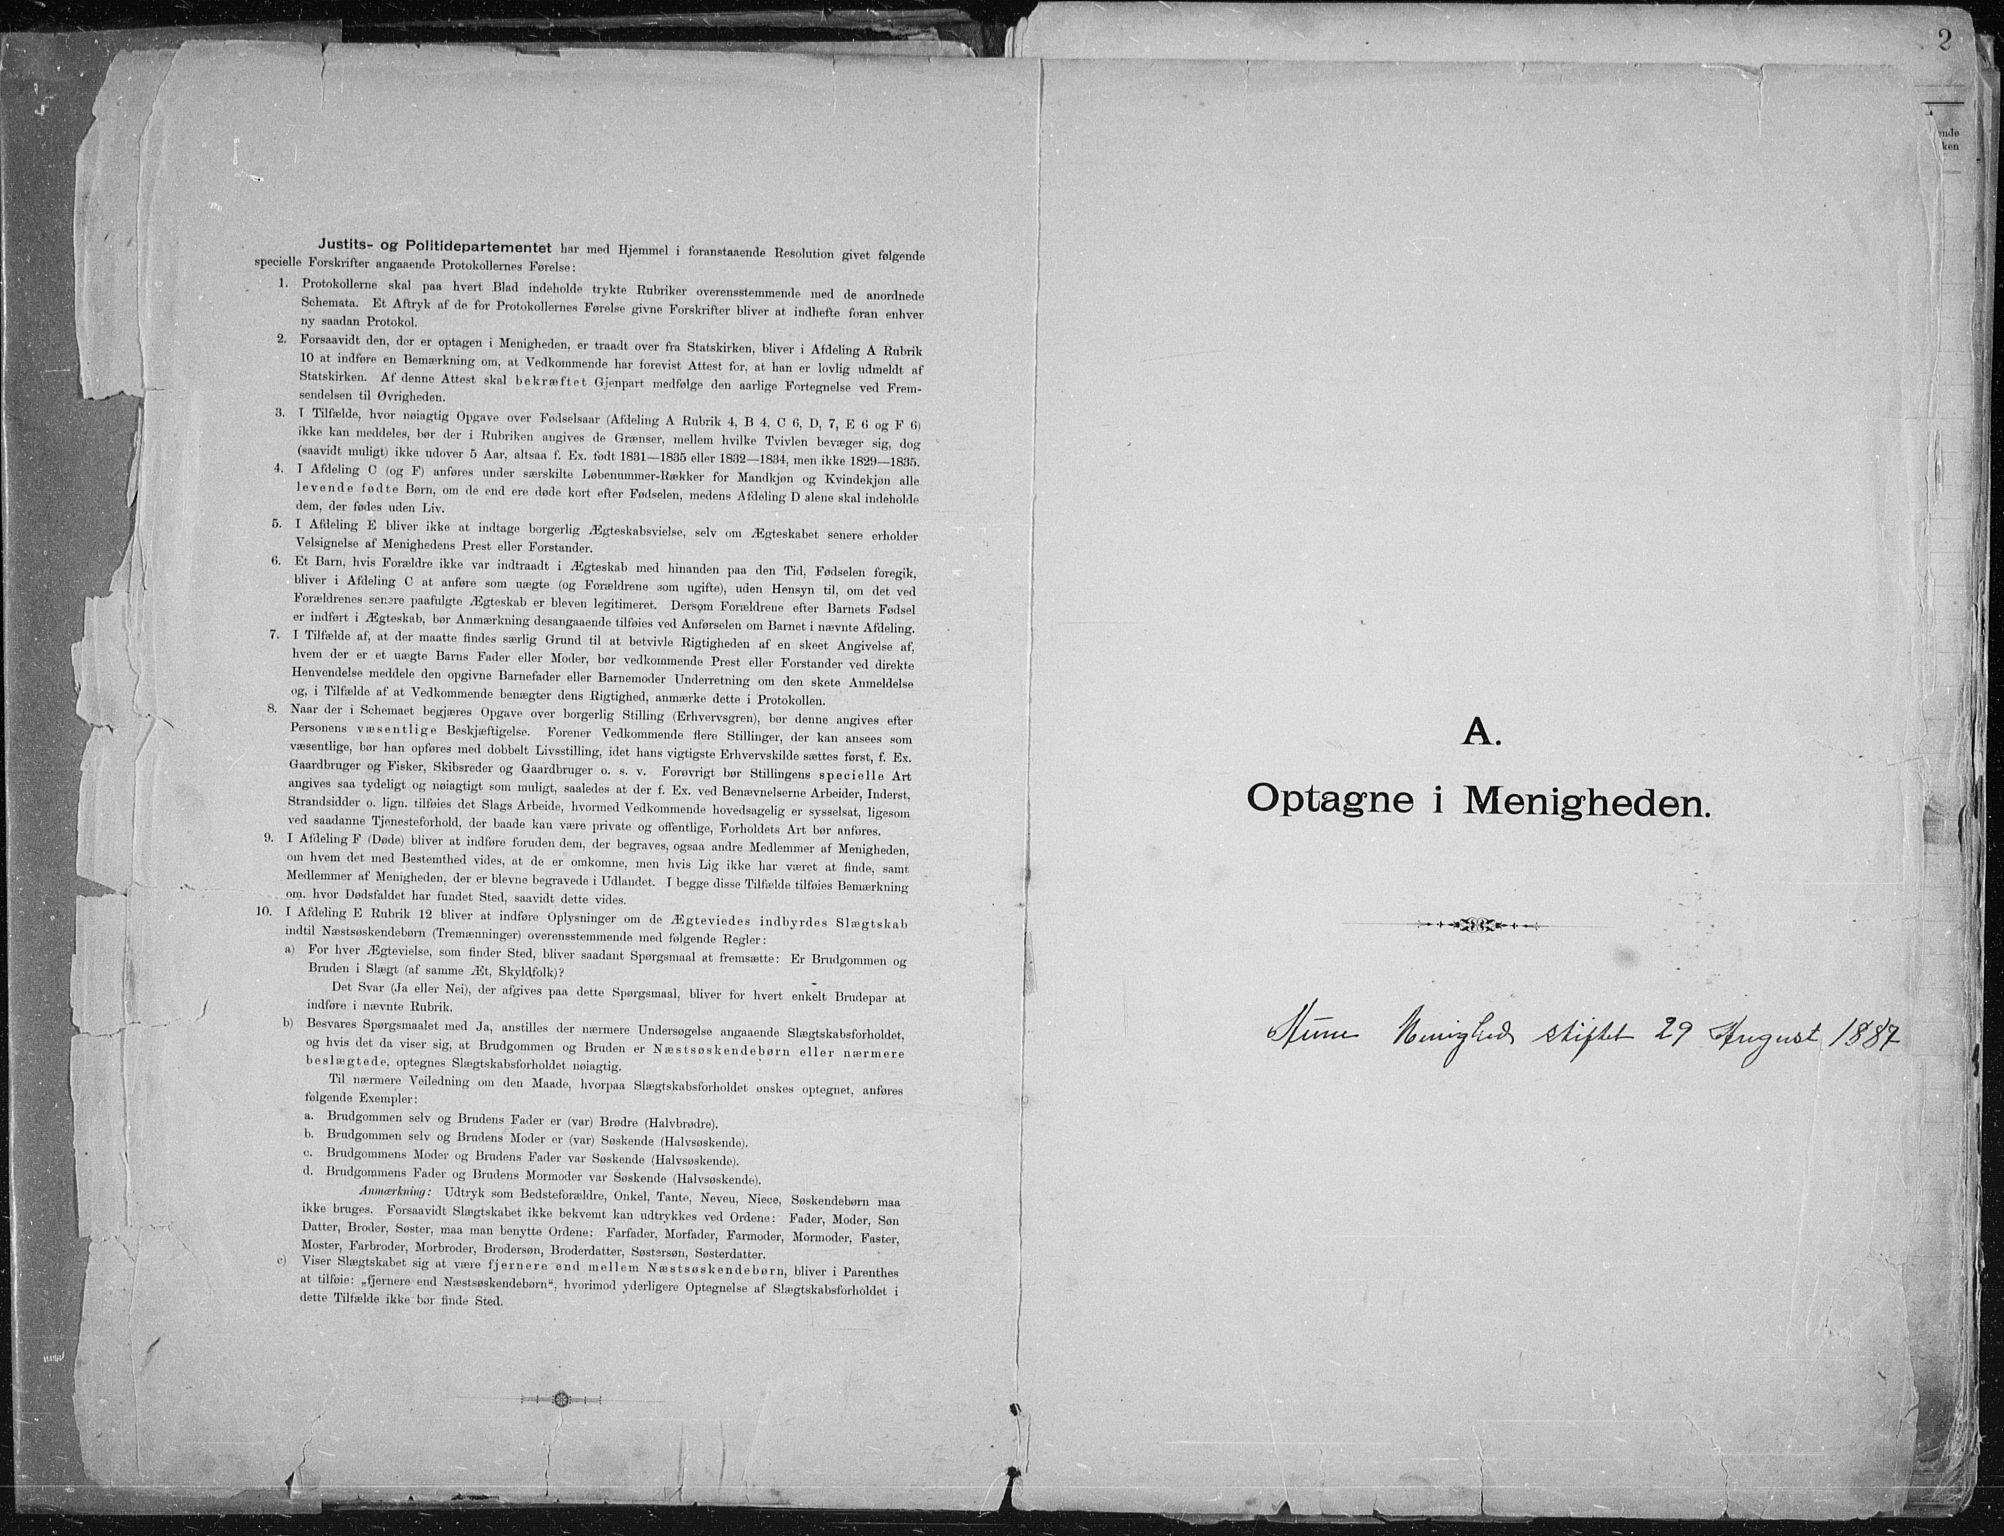 SATØ, Aune baptistmenighet, F/L0006DP: Dissenterprotokoll nr. 6, 1887-1939